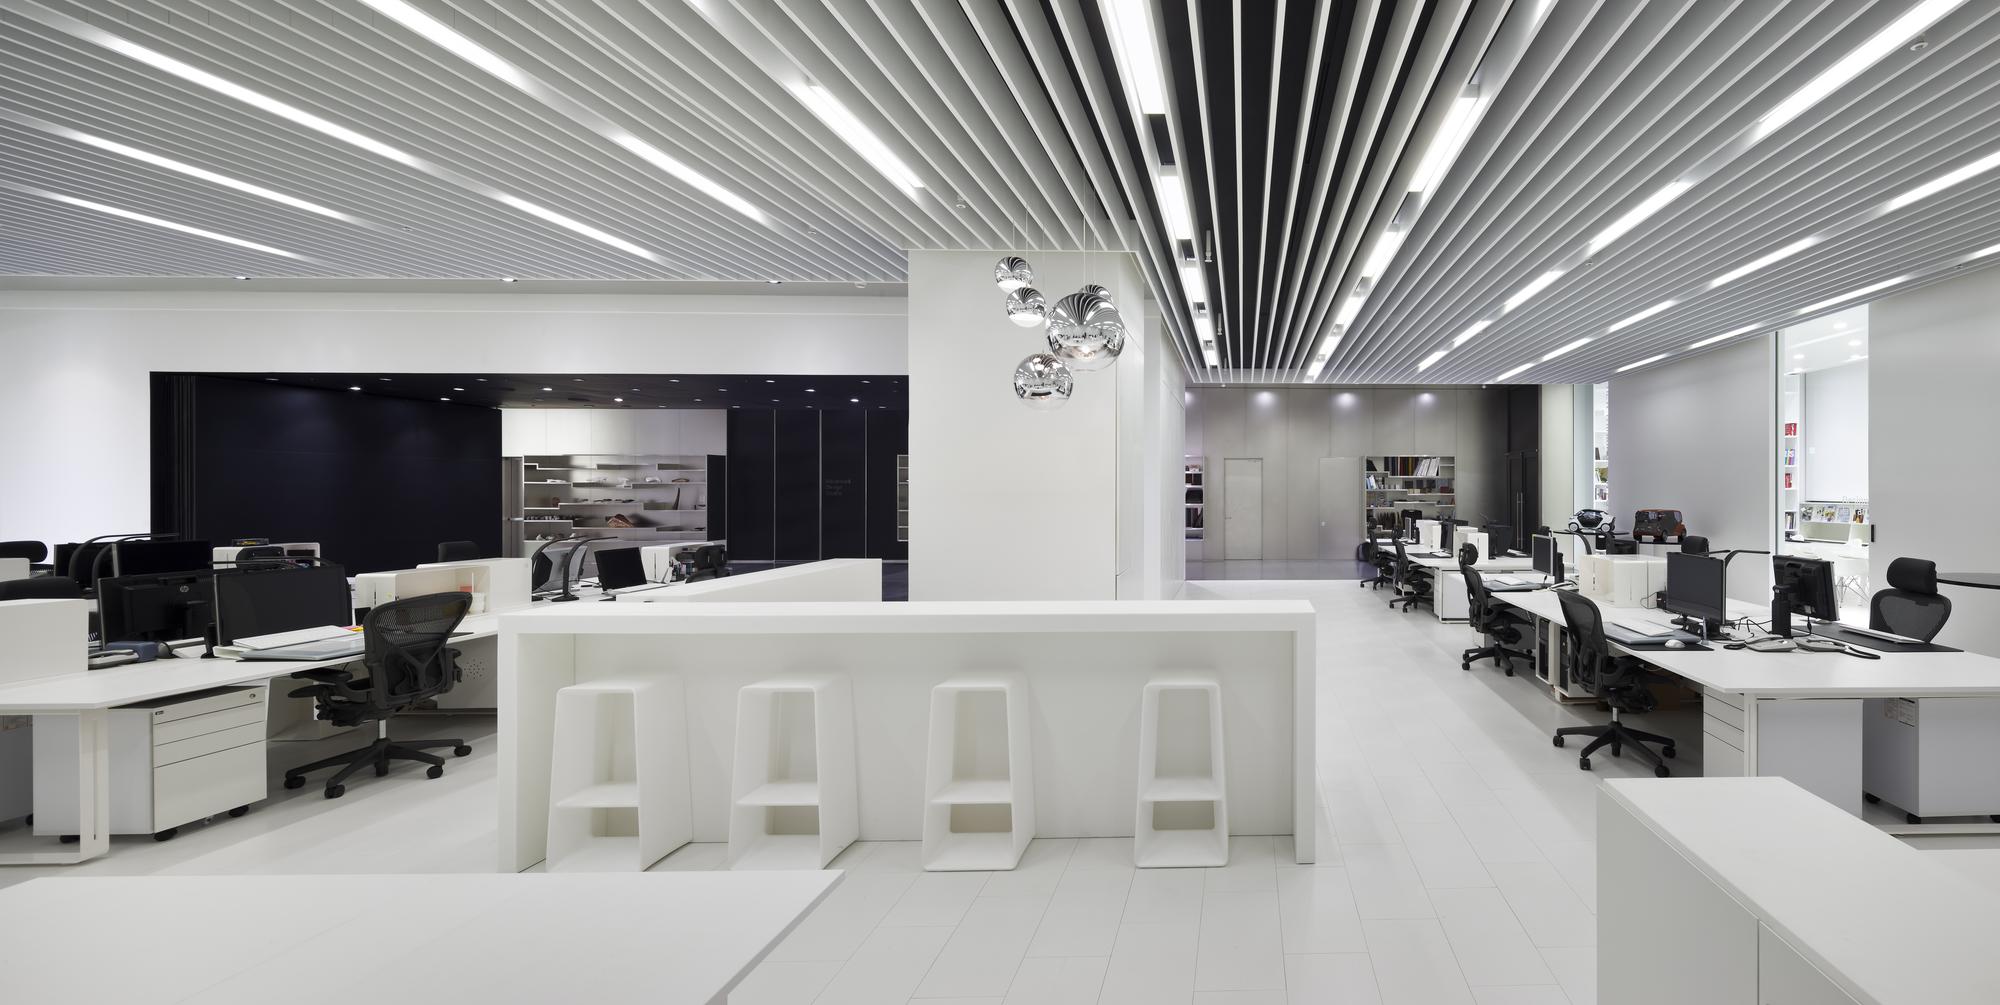 Gallery of hyundai advances design studio delugan meissl for The design studio